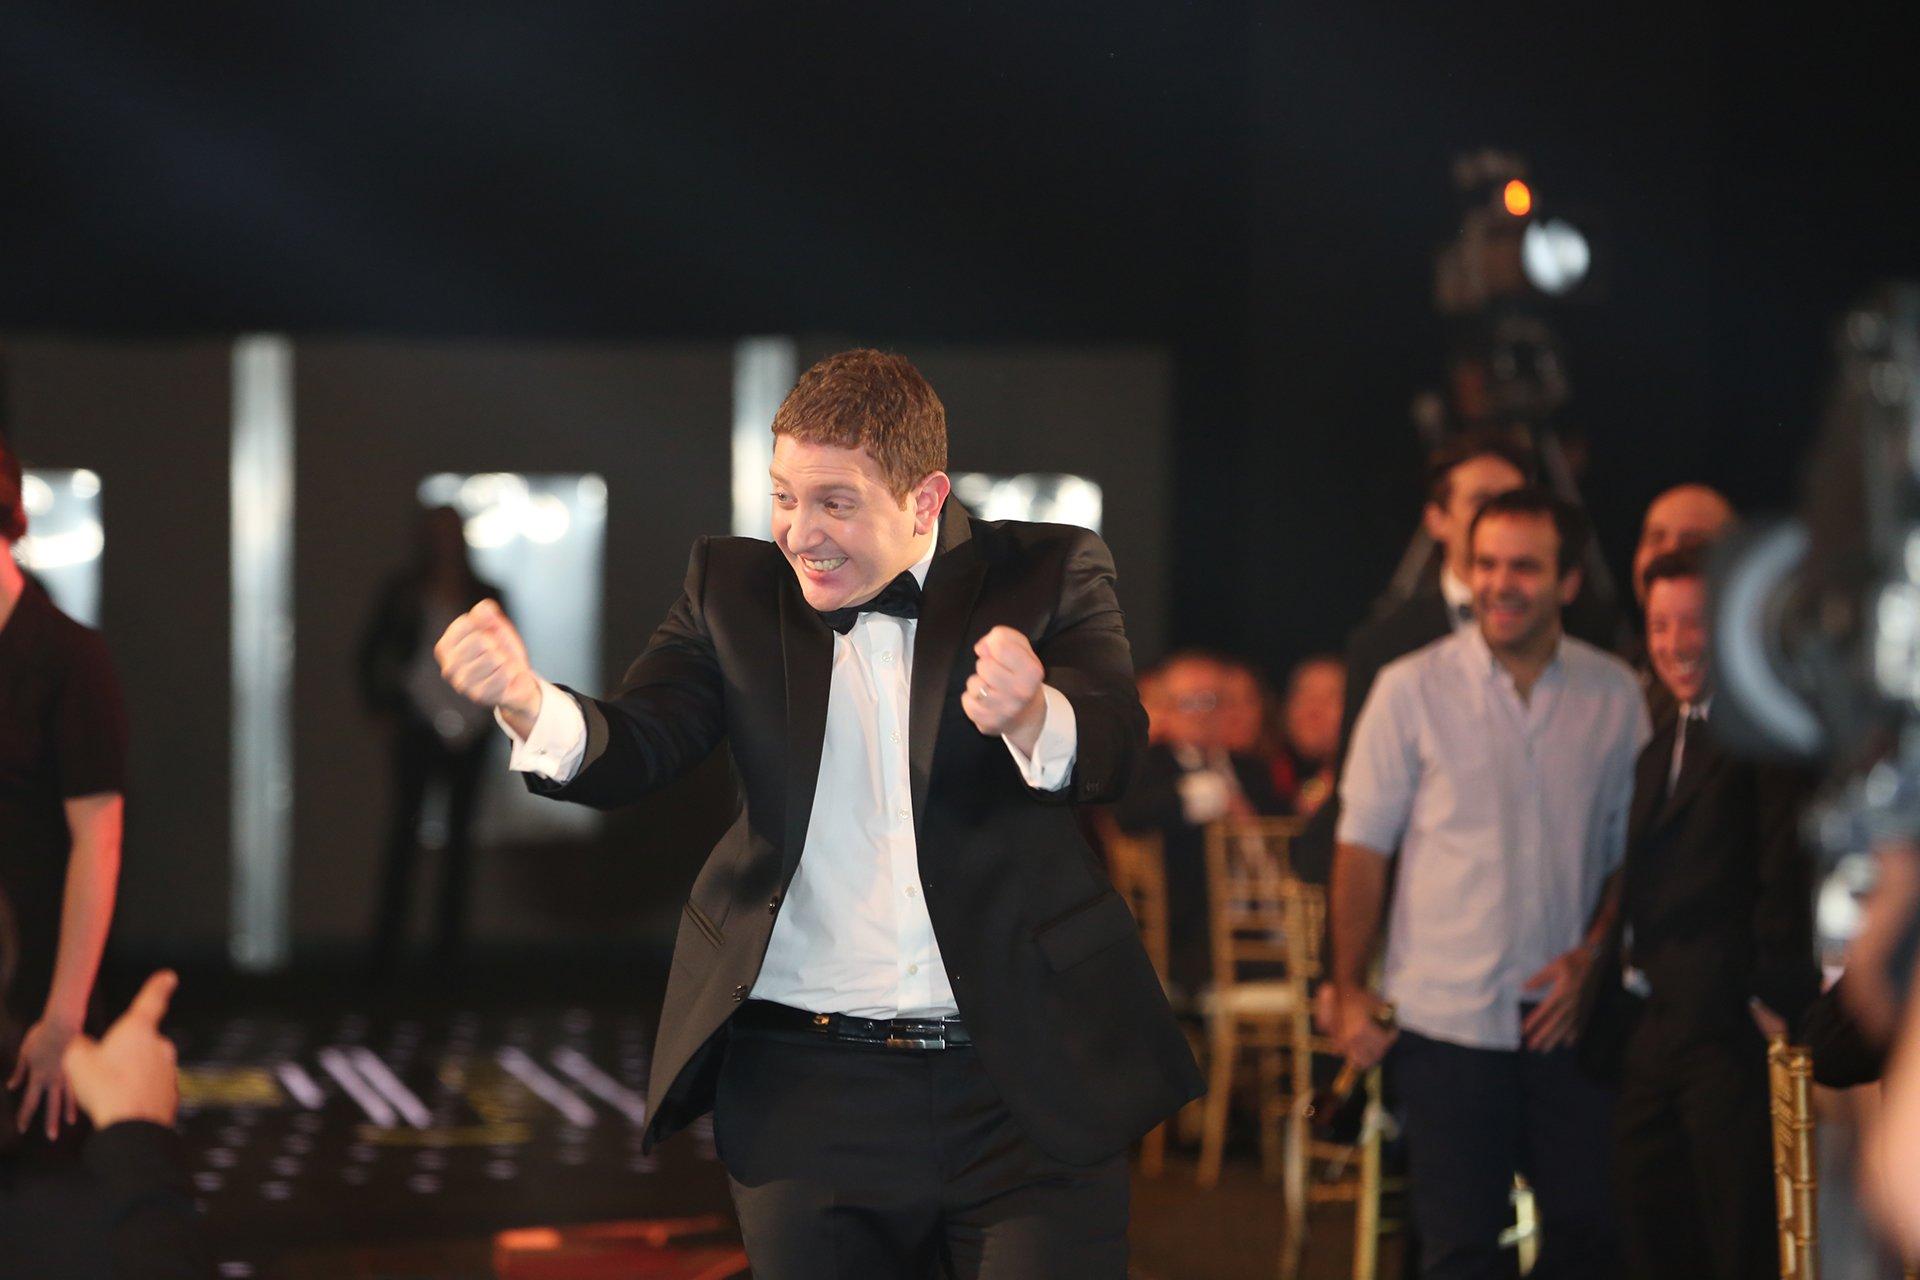 Jonatan Viale festeja tras ser anunciado ganador del Martín Fierro 2016 en la categoría Panelista.